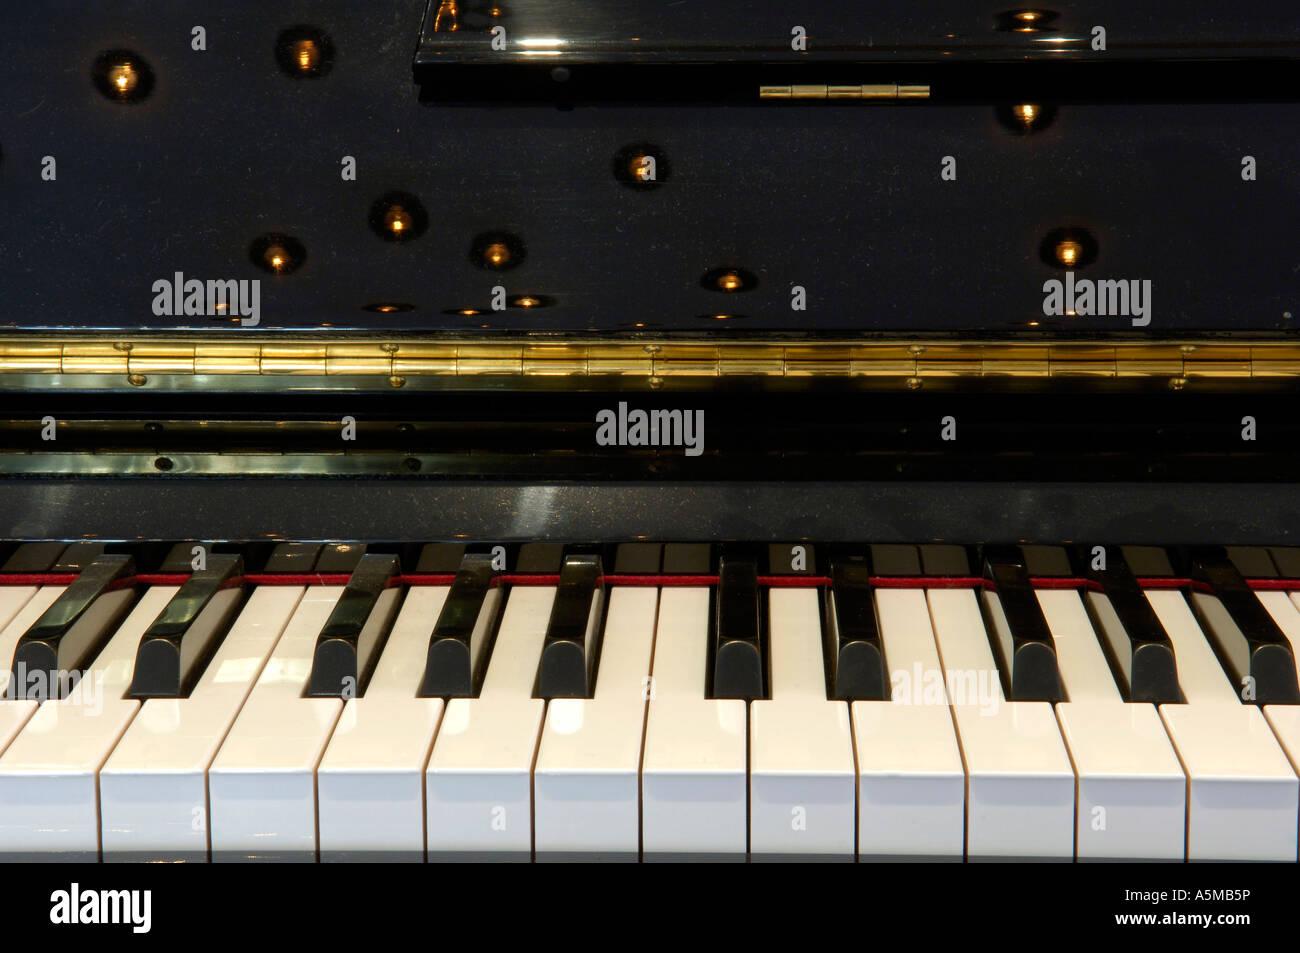 Klavier Musikinstrument Spiegelung Lichter Tasteninstrument Tastatur Keyboard klaviere Klavier Klaviertasten Kunst - Stock Image